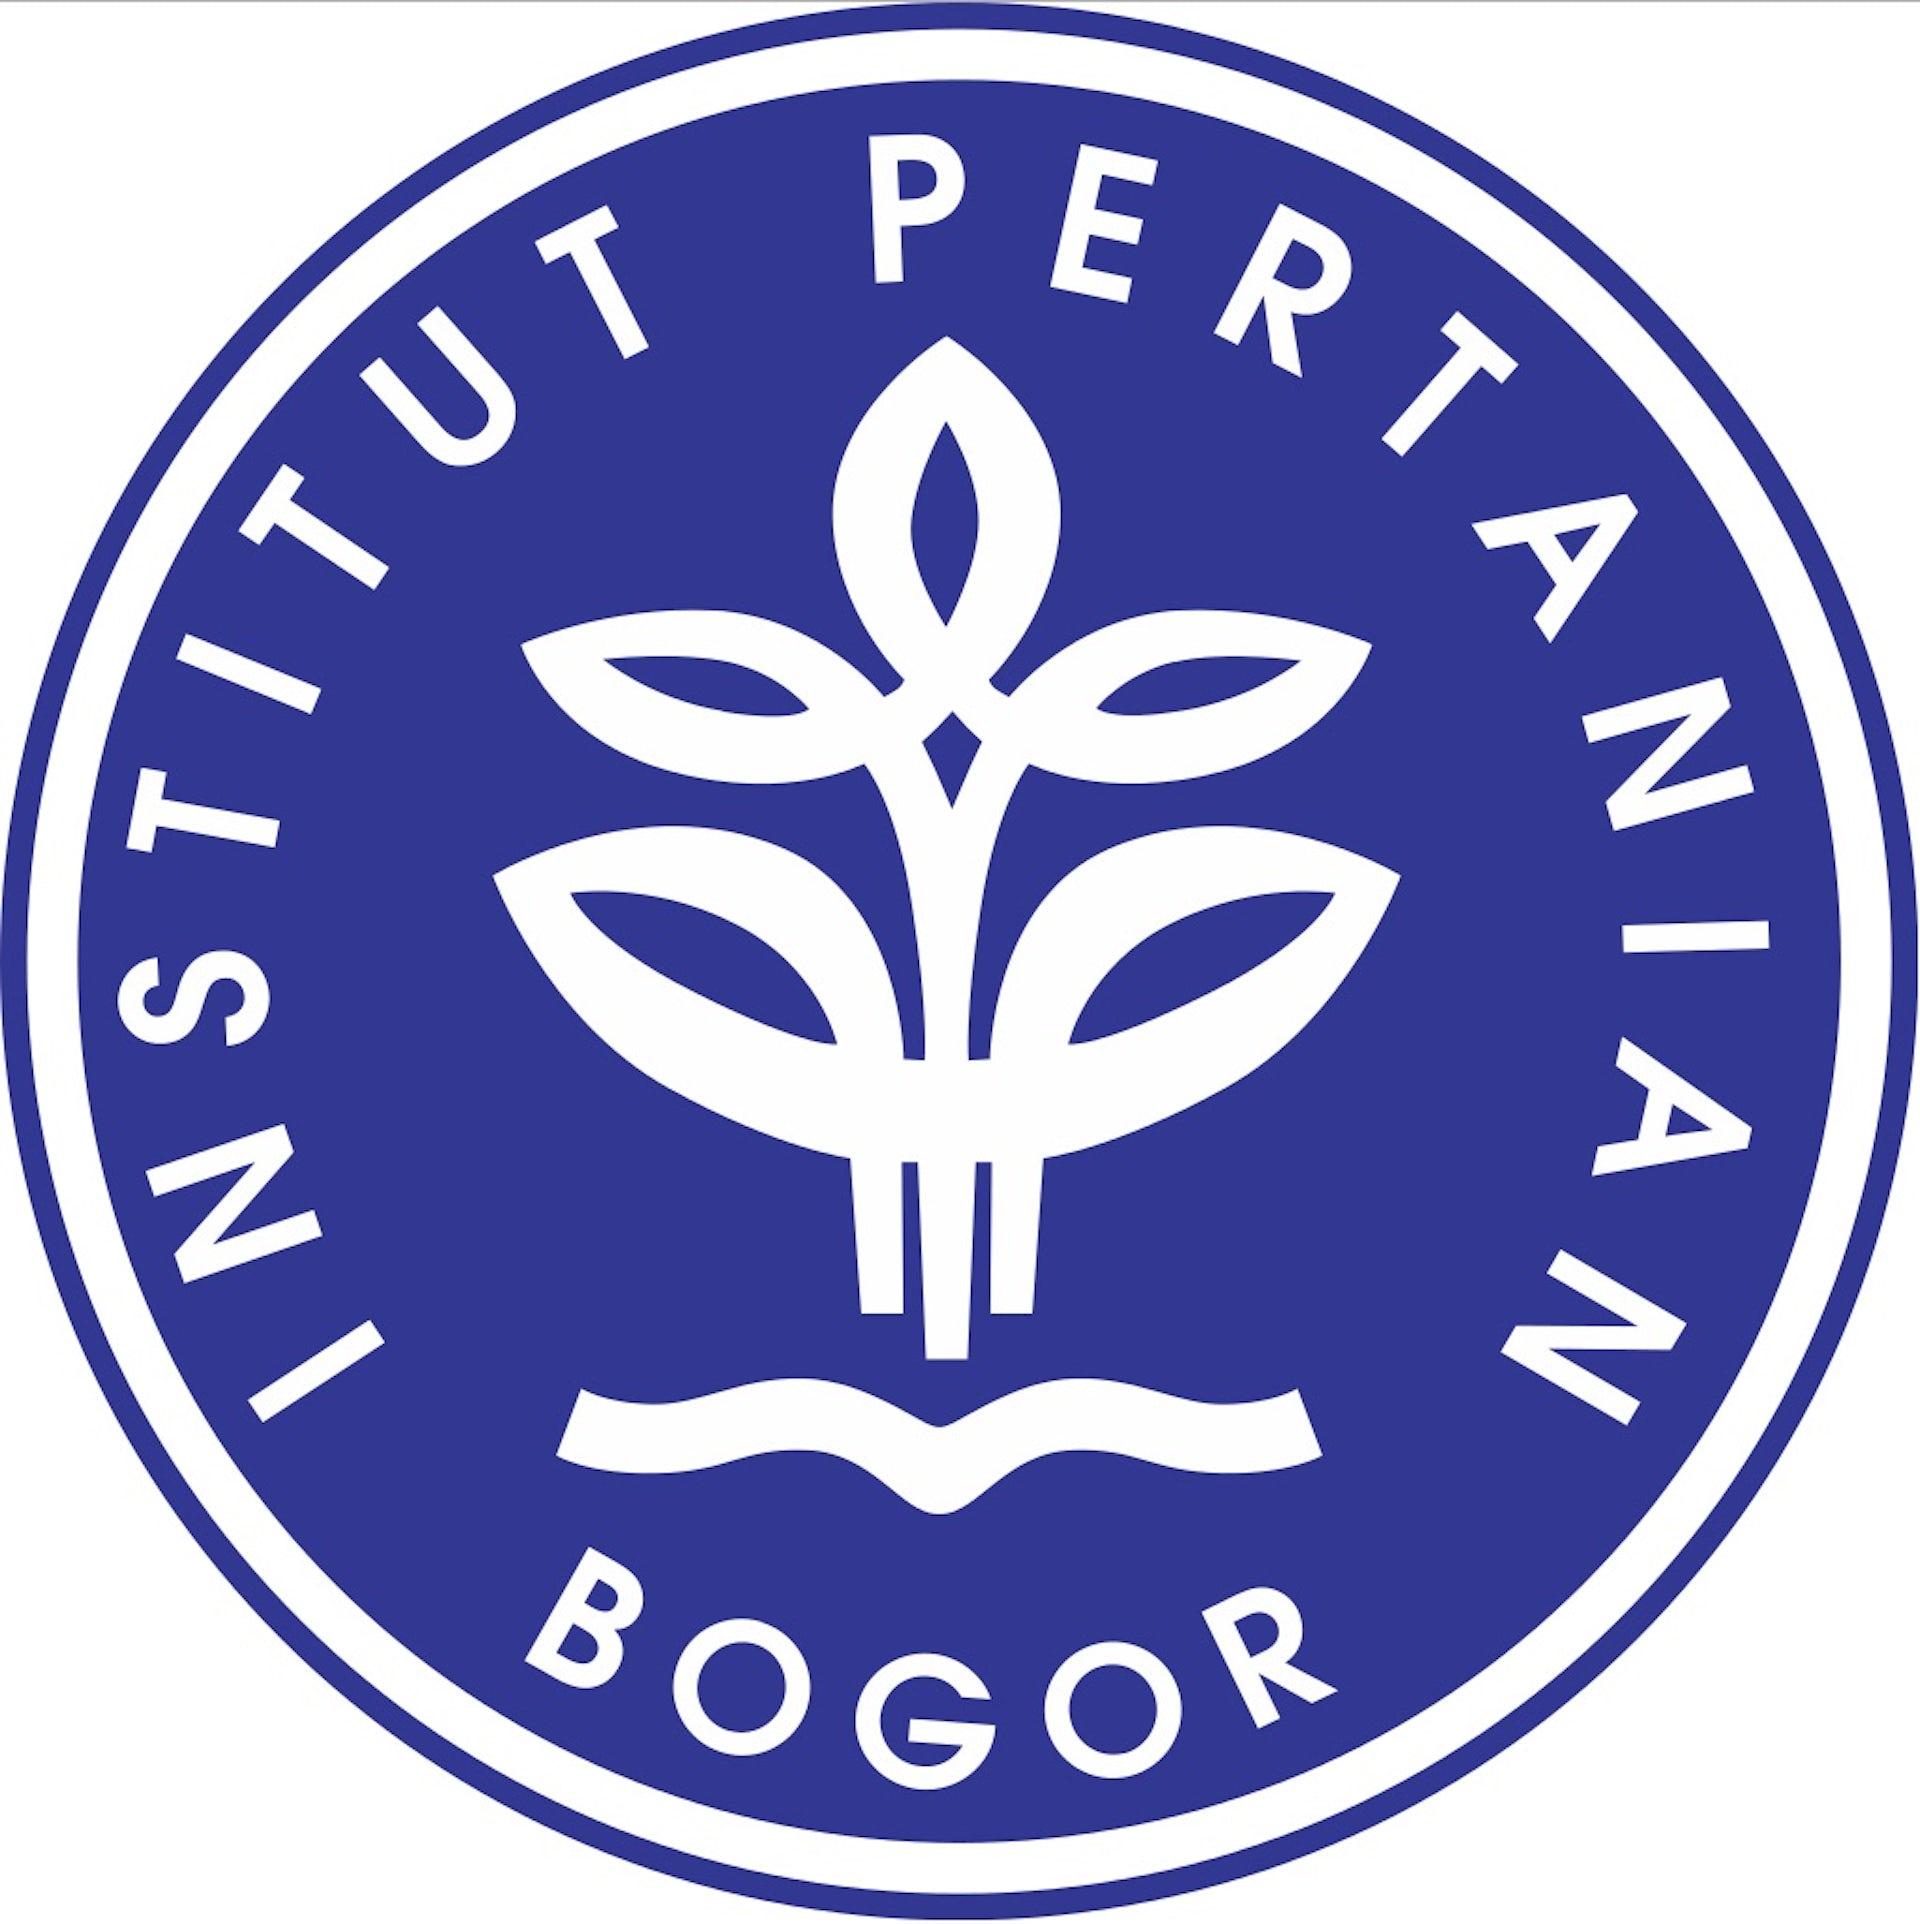 Logo 1455247800.jpg?ixlib=rb 1.1